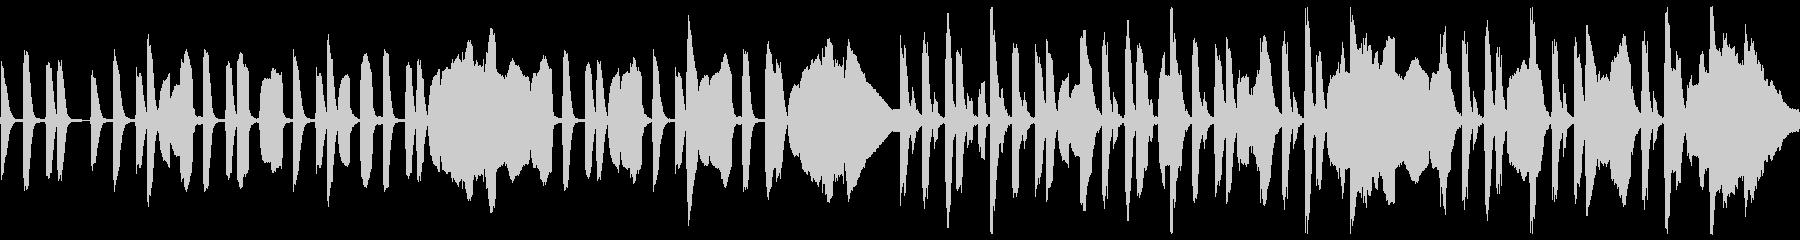 リコーダーとピアノのほのぼの脱力系の未再生の波形